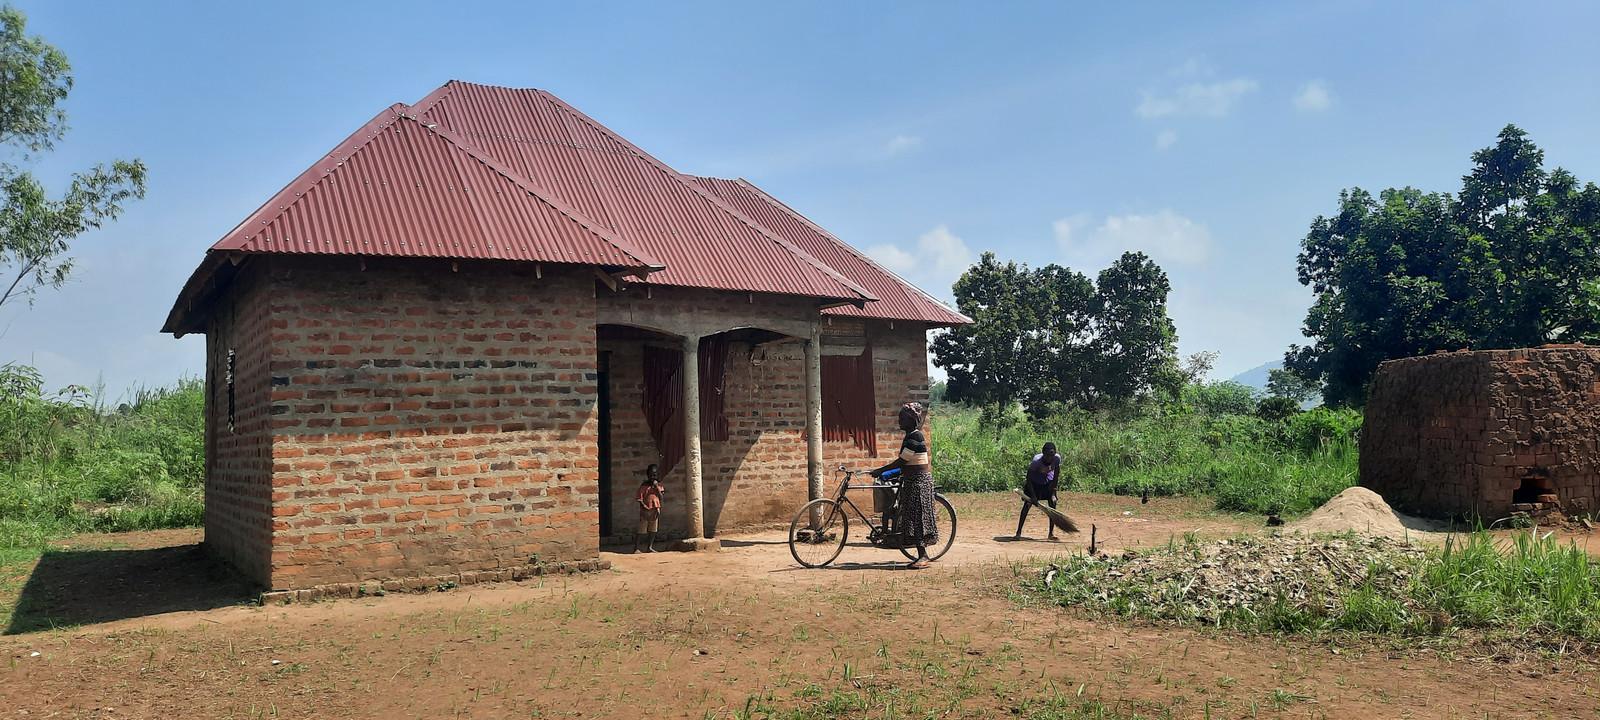 Een jaar geleden was Kyataruga een dorp in de brousse bestaande uit schamele hutjes met strooien daken. Nu zie je overal bakstenen huizen met metalen, regenbestendige daken. Zoals deze nieuwe woonst van Vote Kabanyoro en haar man Gerald.